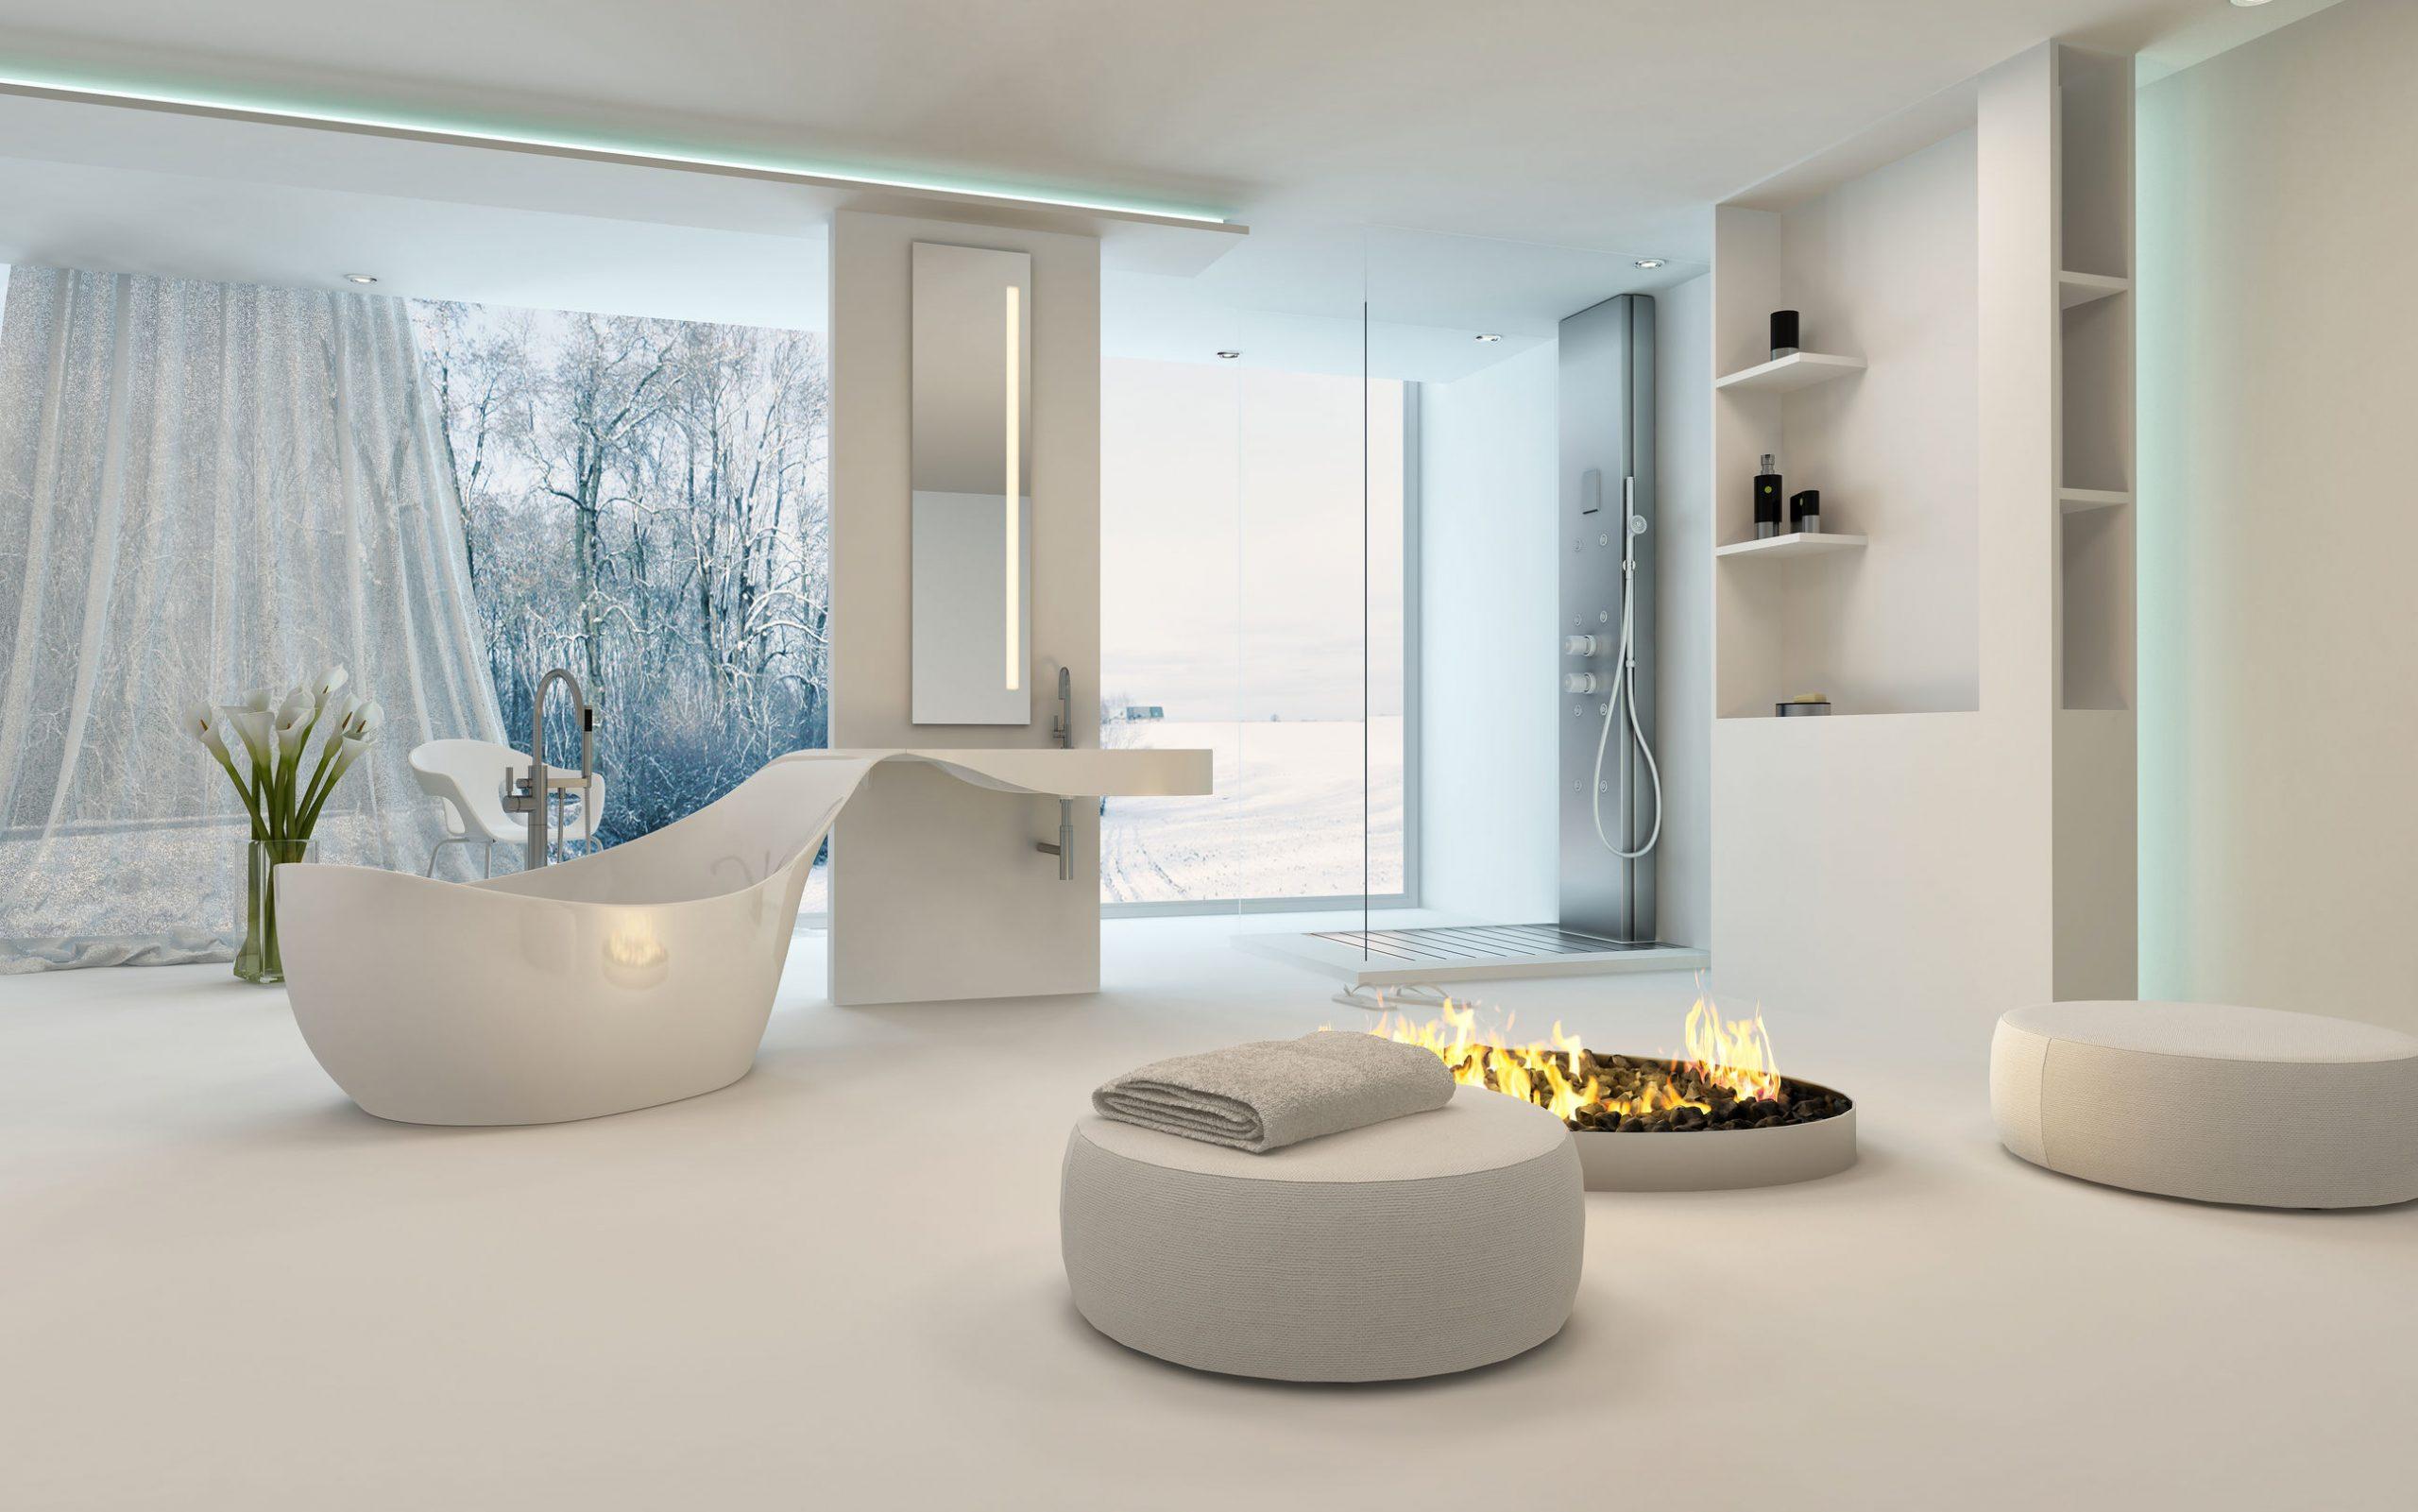 Diseño moderno cuarto de baño con bañera inter forma original, ducha, una cálida chimenea acogedora con taburetes colocados alrededor de la ventana